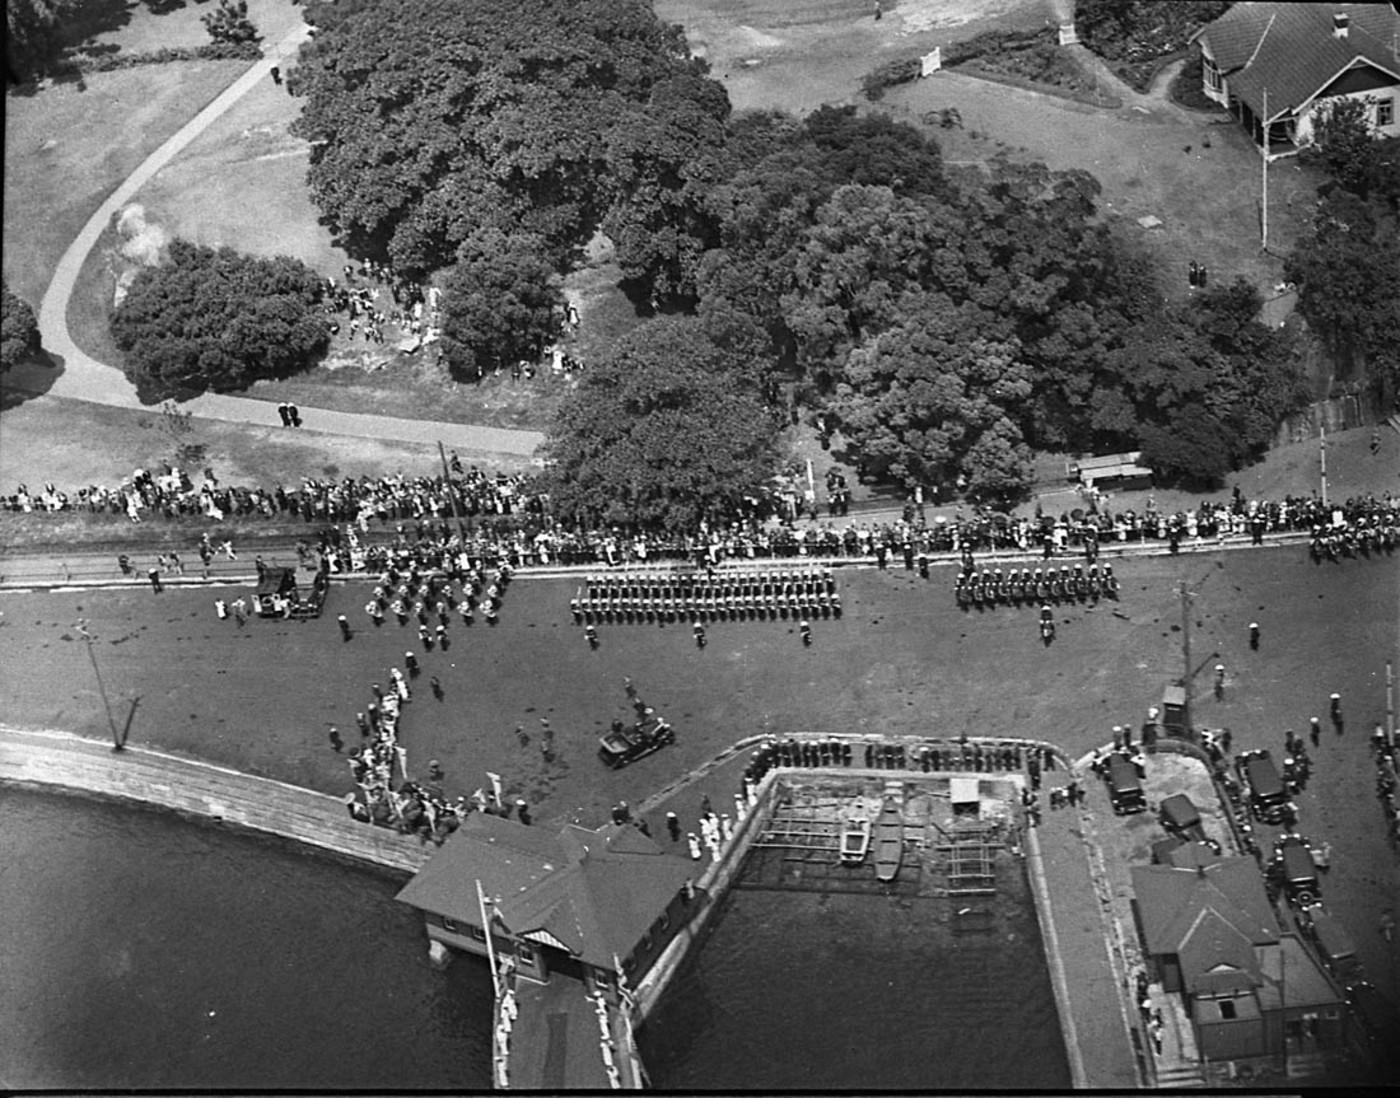 Air views, 16 Jan 1935